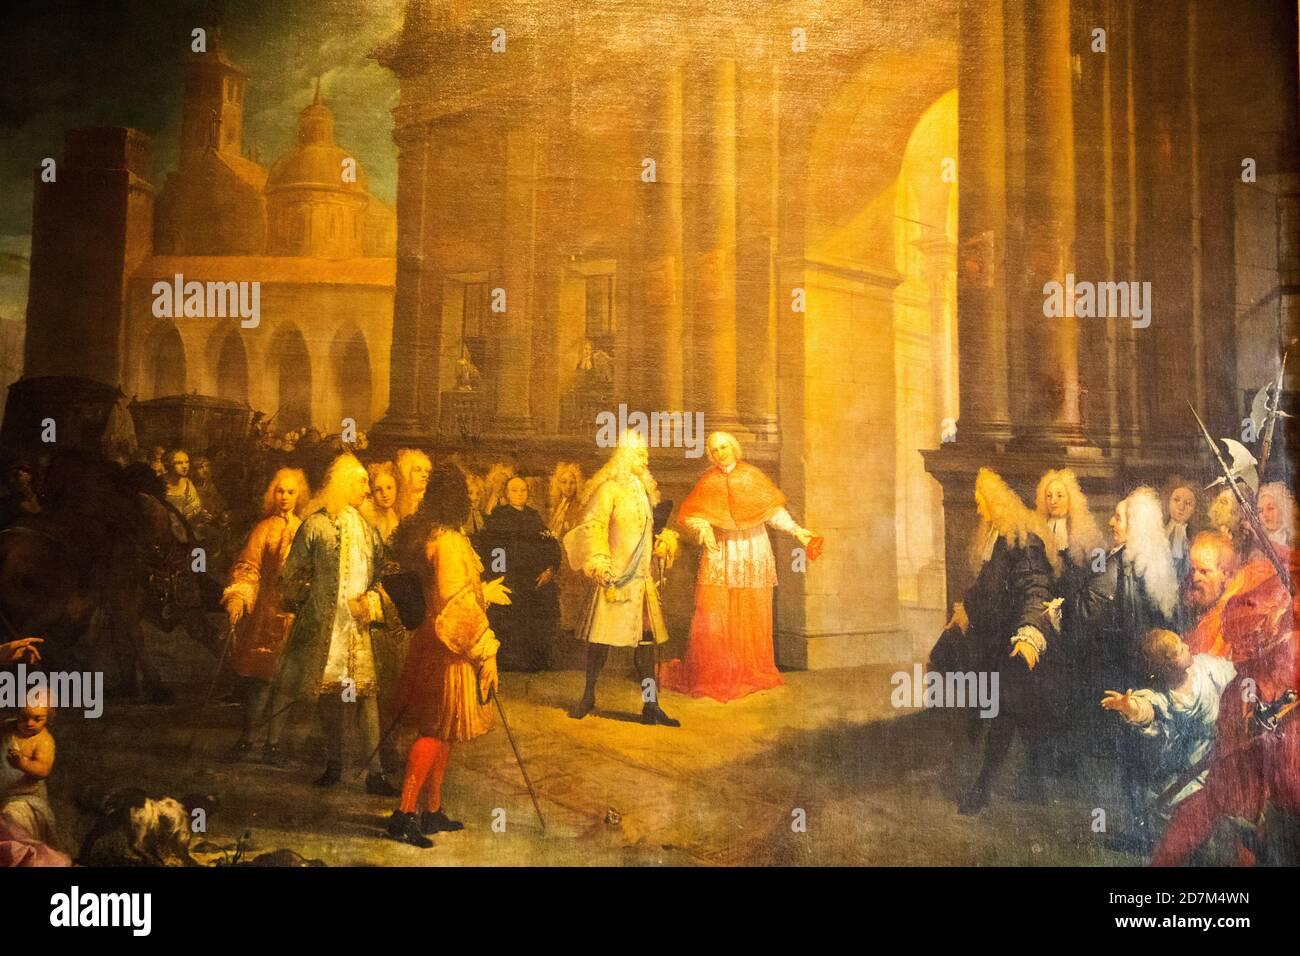 Zimmer der Festoons in der Burg saint Angelo CastelSant'Angelo Rom Vatikan Italien Stockfoto